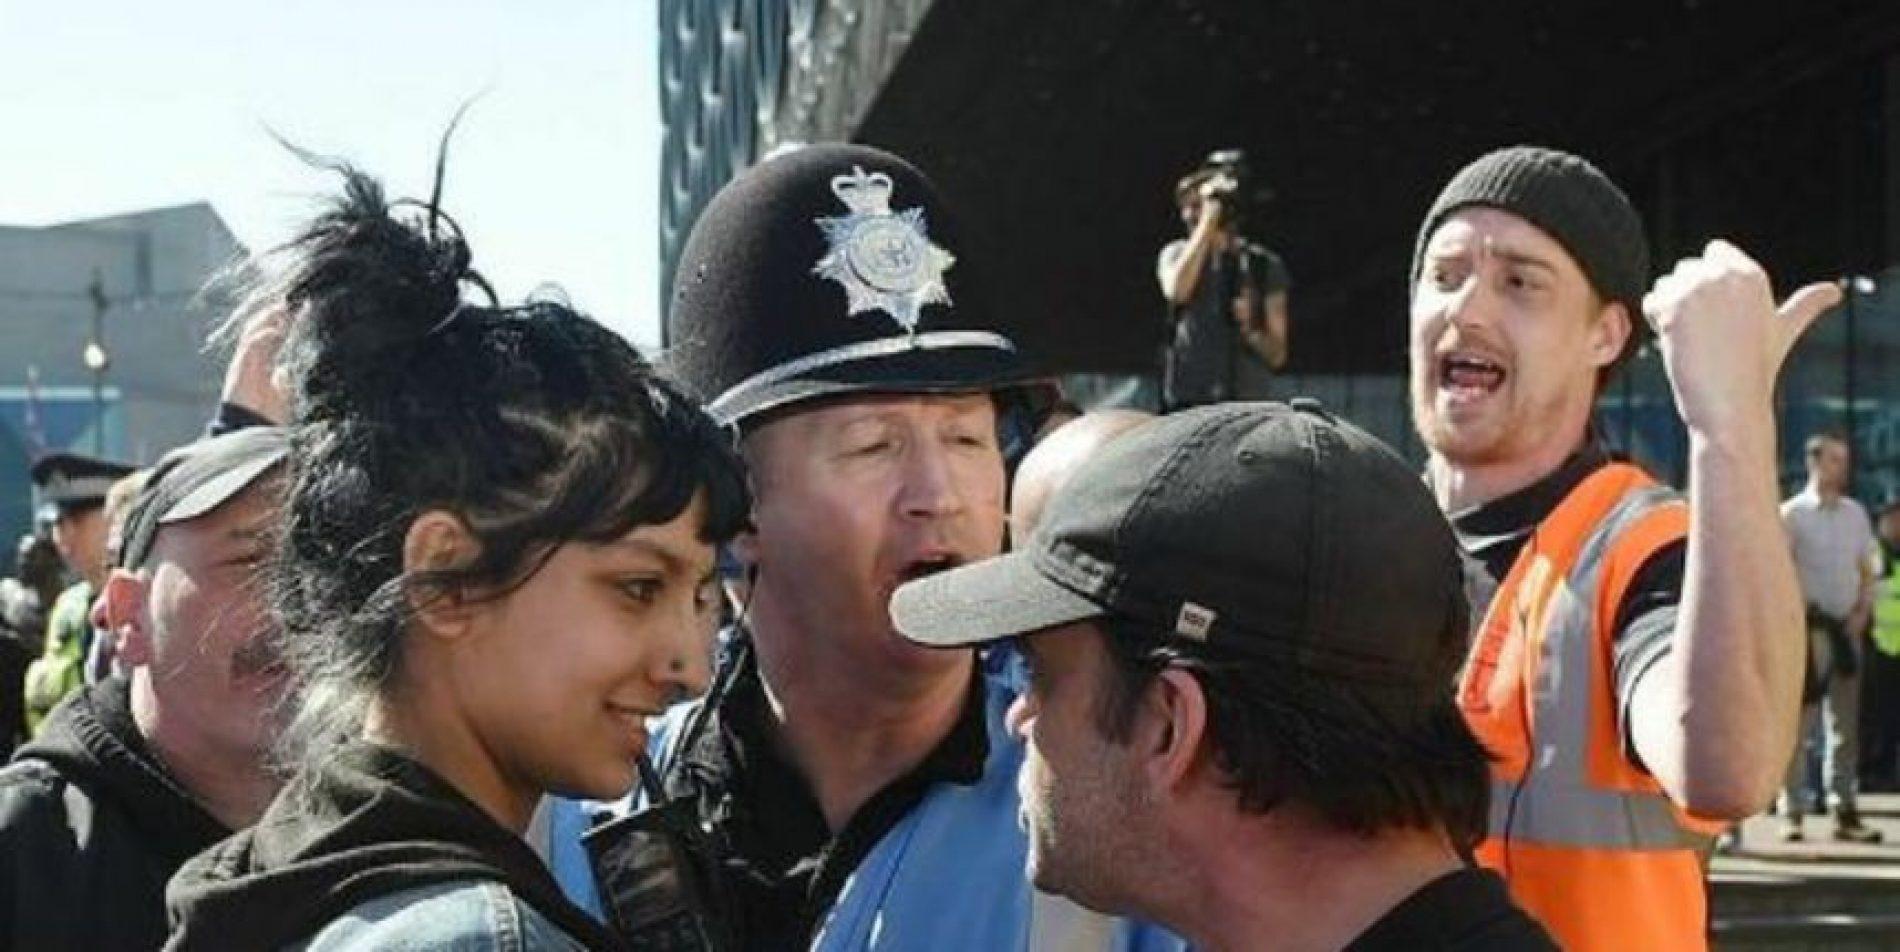 Ova djevojka bosansko-pakistanskih korijena postala je simbol otpora mržnji u Engleskoj